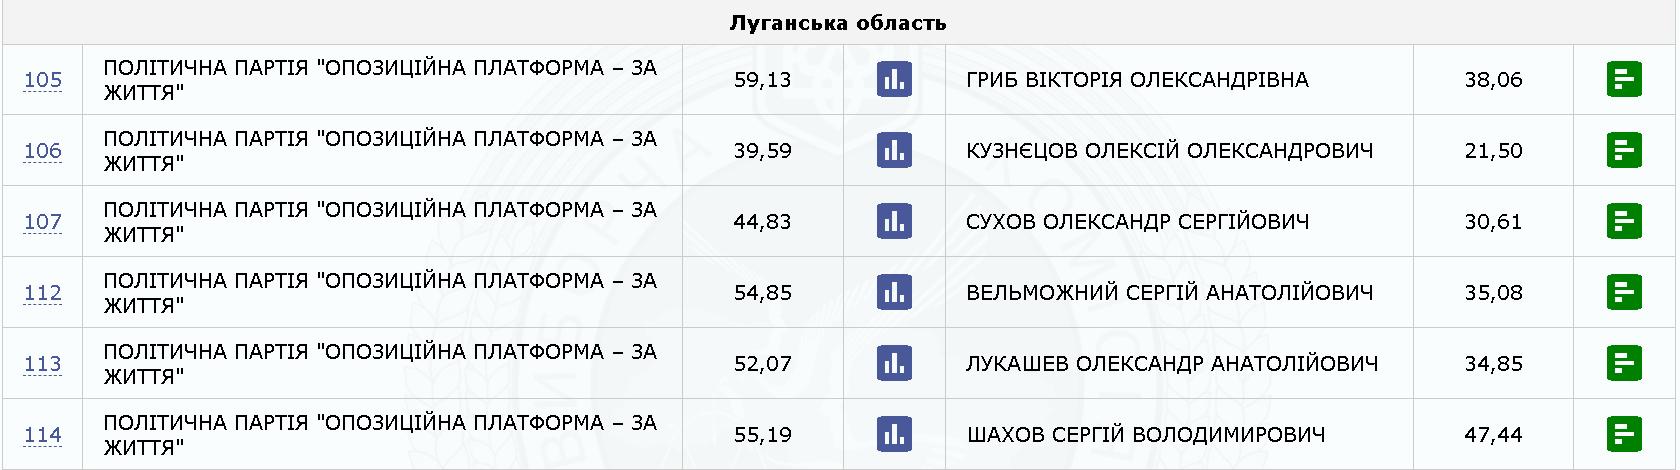 Луганская область: промежуточные результаты выборов по состоянию на 20:00